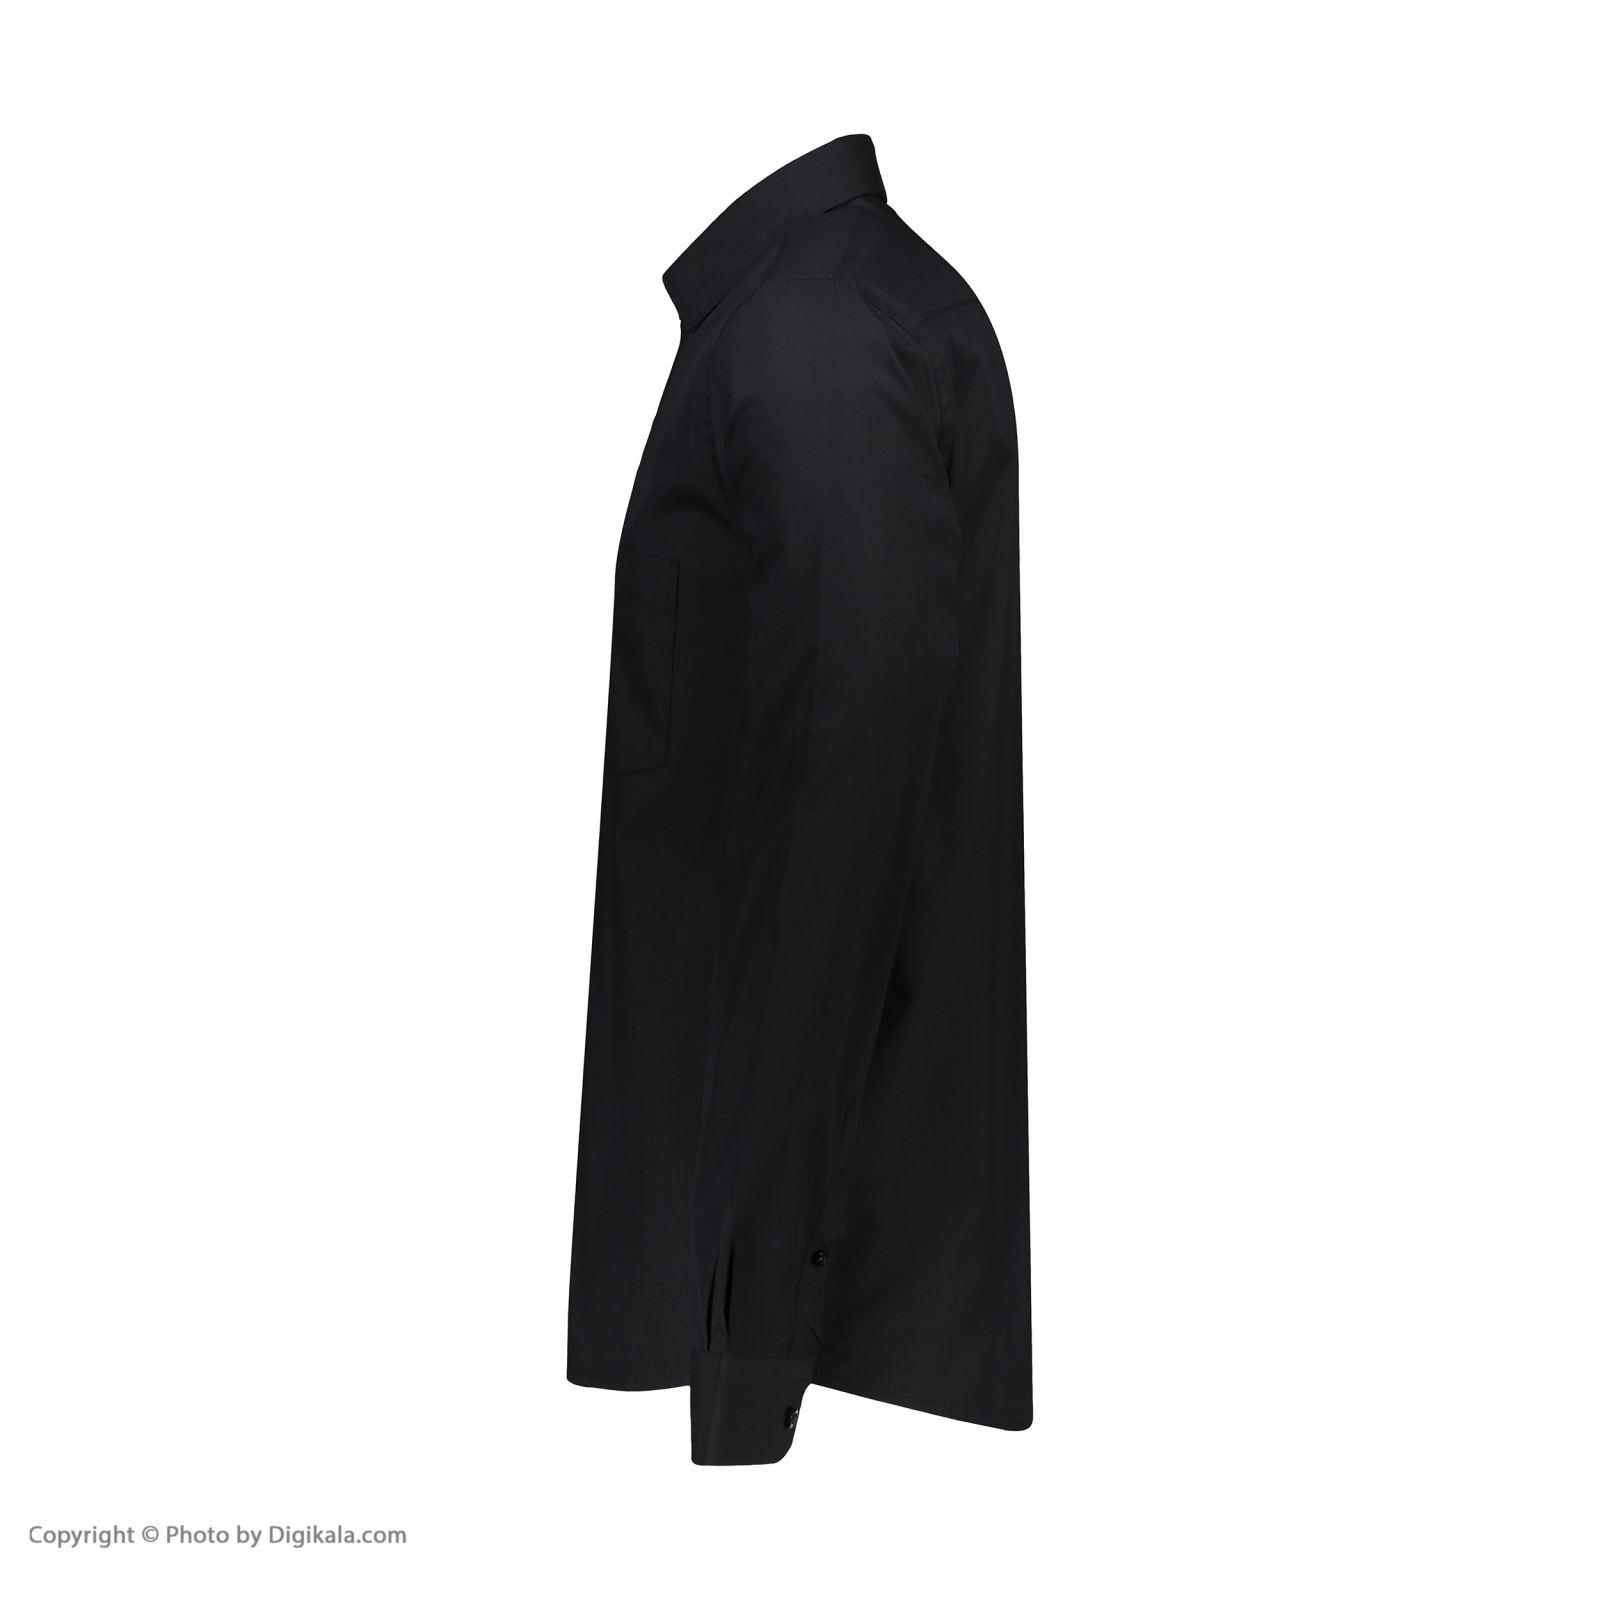 پیراهن مردانه پاتن جامه کد 98MC8528 رنگ مشکی  -  - 4